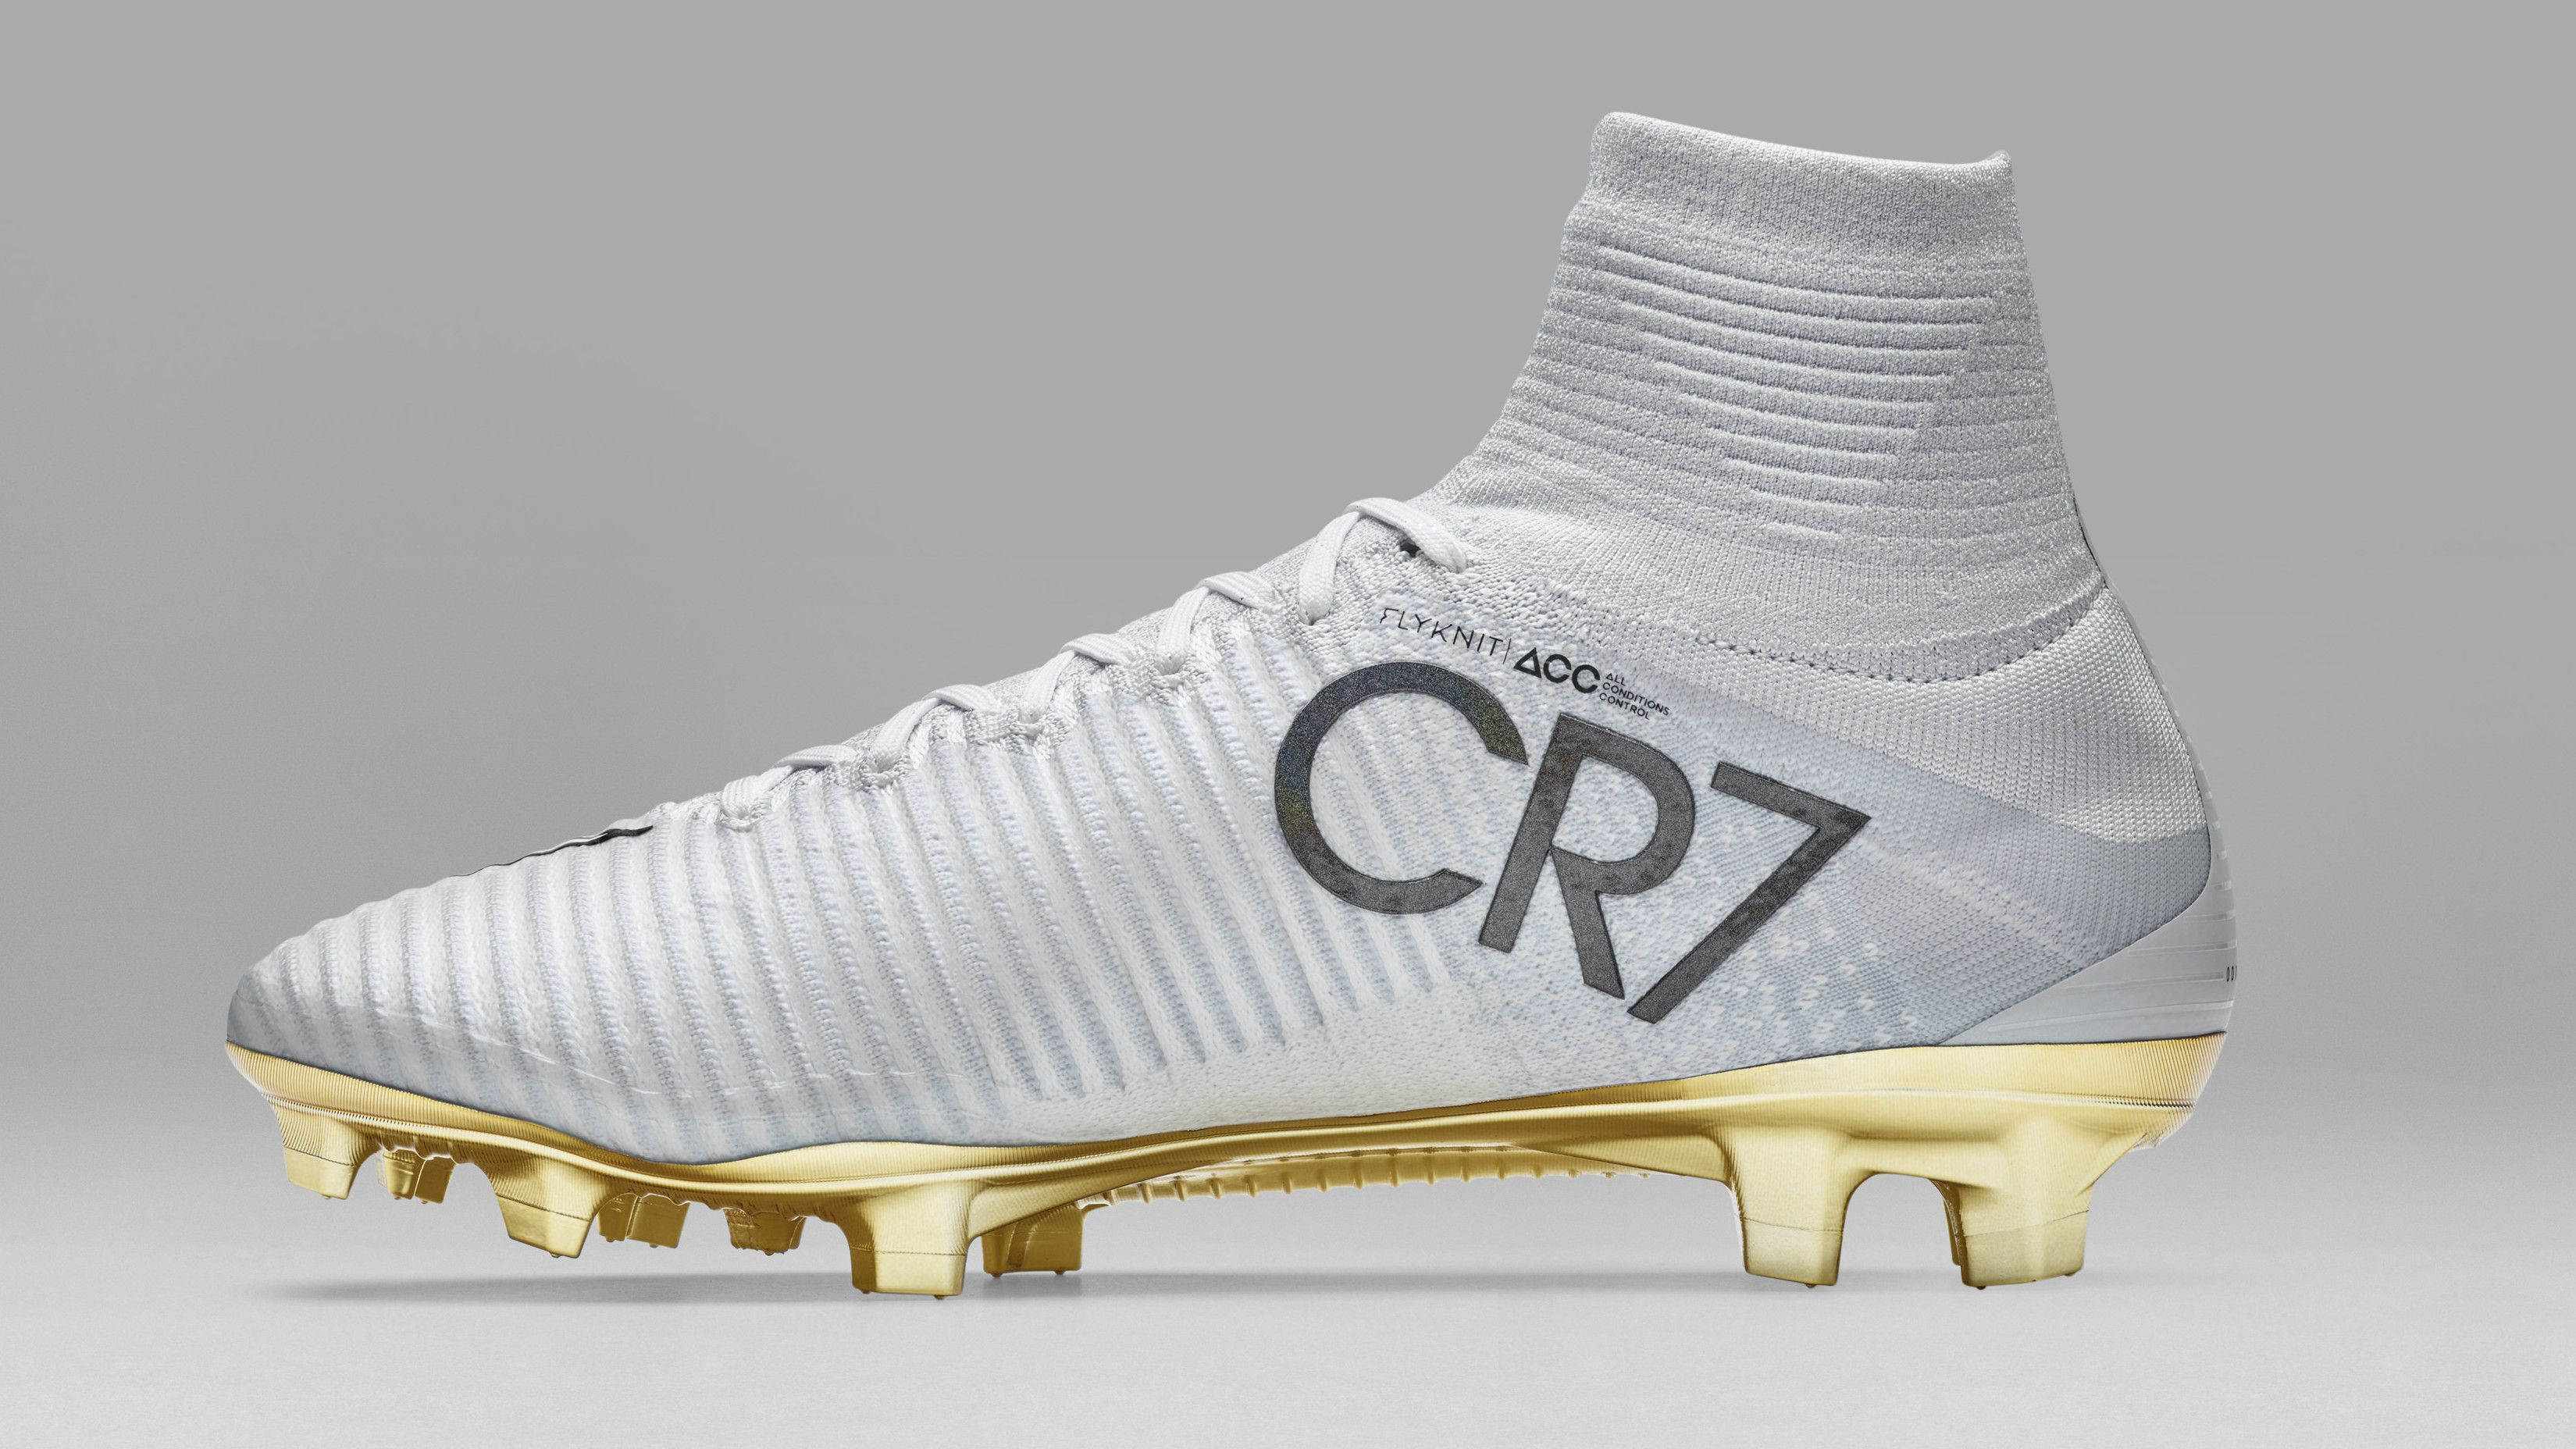 Schuhe nike cr7